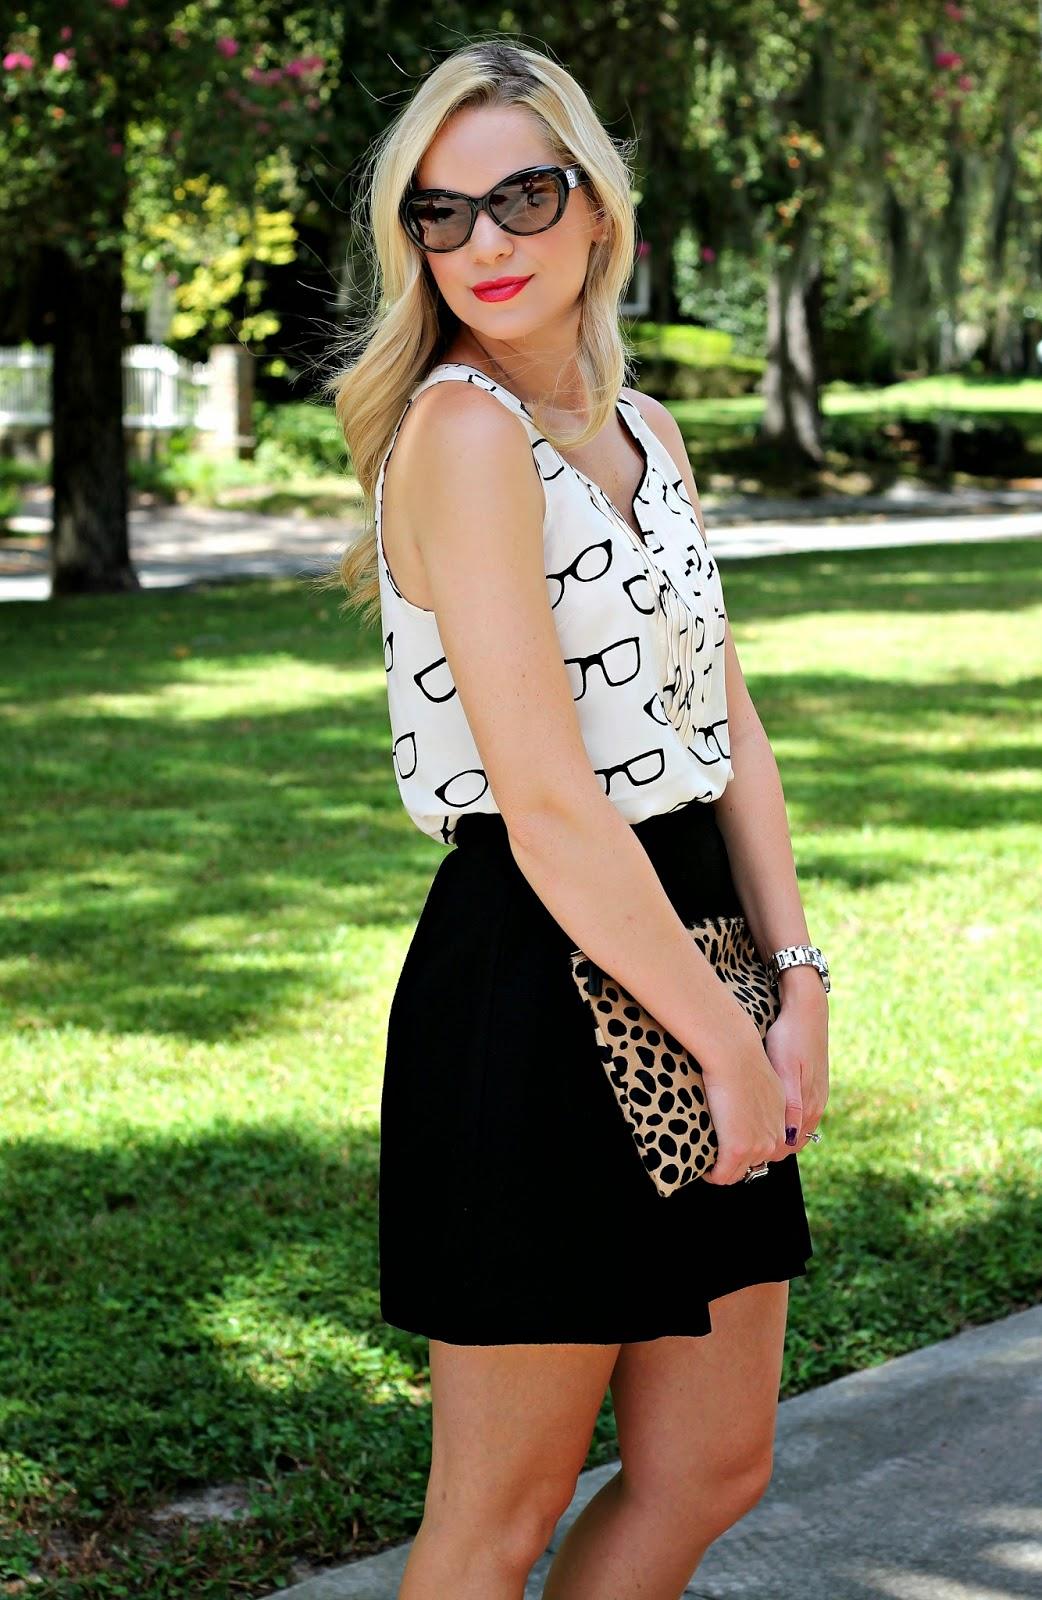 anthropologie, printed top, black skirt, leopard print, red lip, blonde, blonde hair